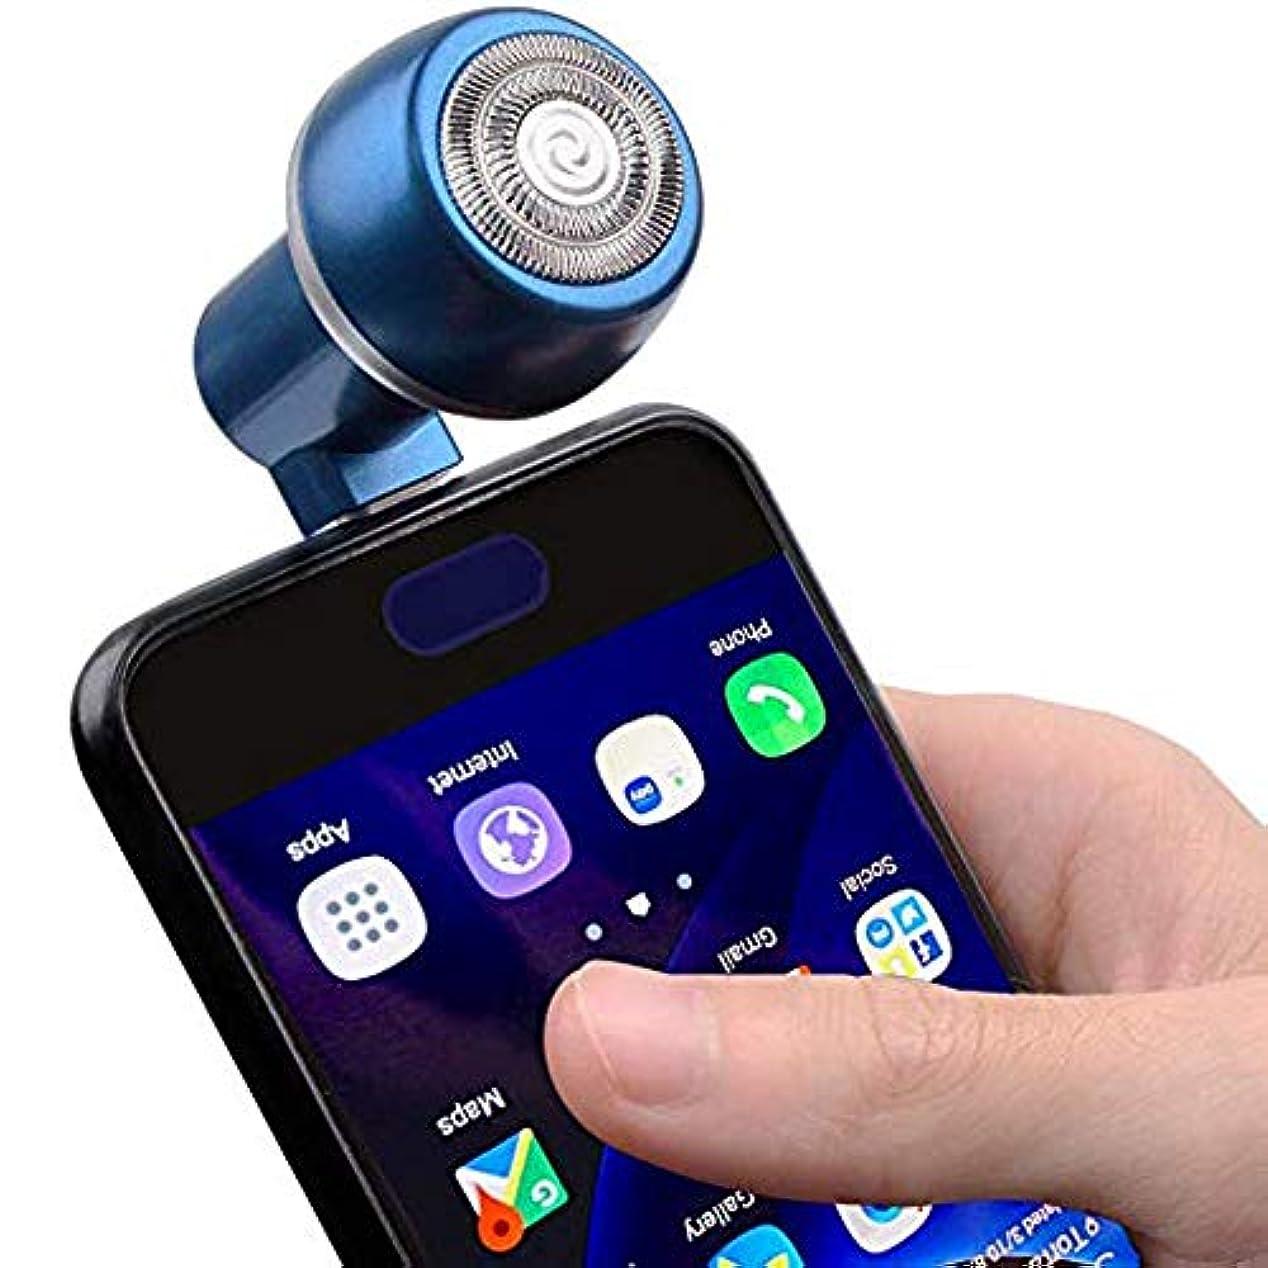 ビジネス複製構成するiCaree 鉱石ブルーメンズ 電気 シェーバー 髭剃り 回転式 ミニ 電動ひげそり 携帯電話/USB充電式 持ち運び便利 ビジネス 海外通用Android携帯電話屋外ポータブルマイクロ